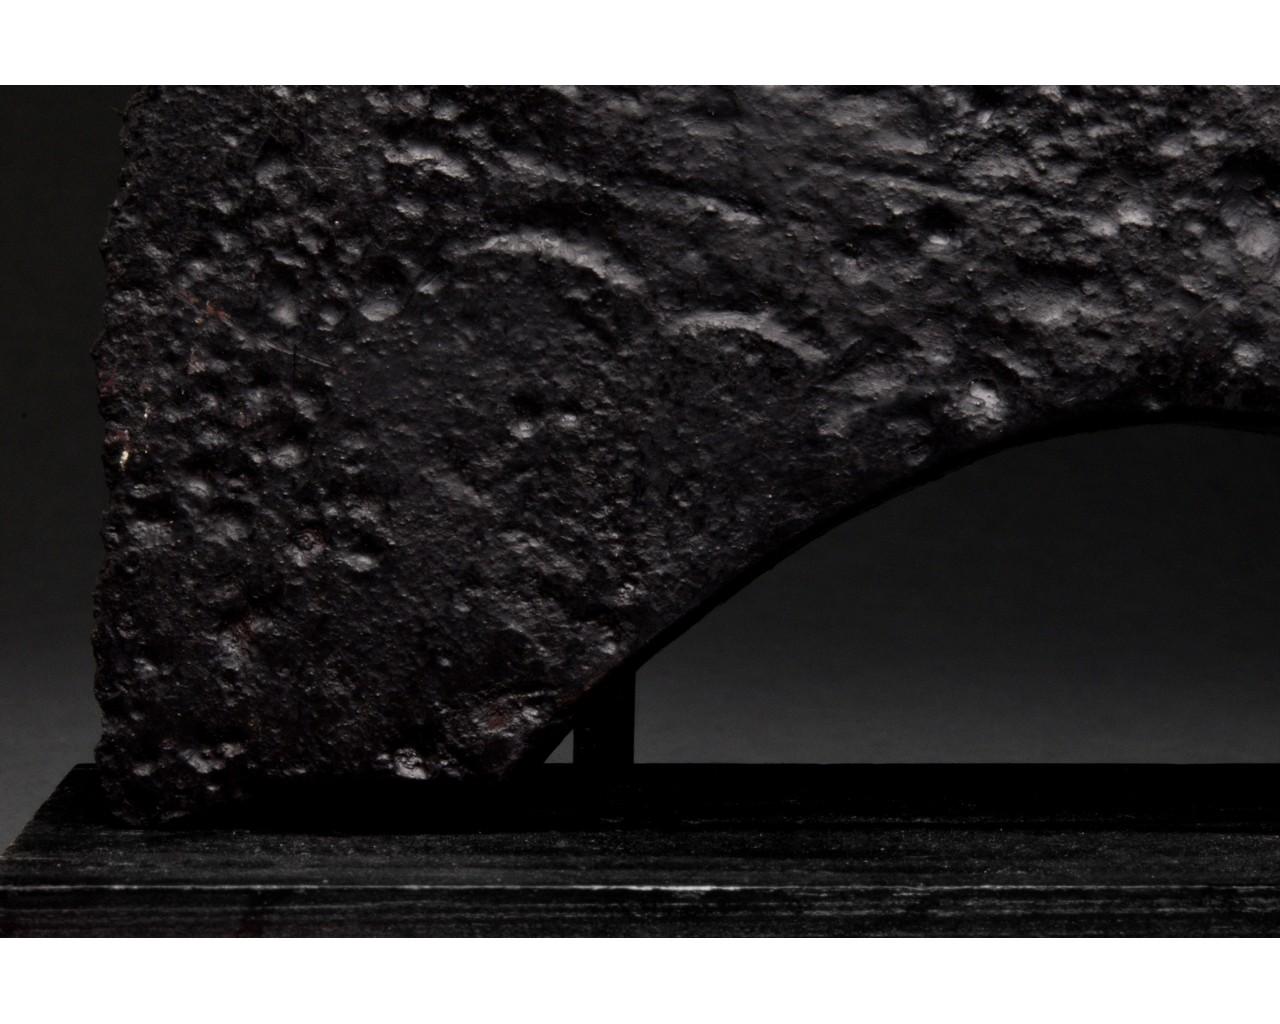 VIKING IRON BATTLE AXE HEAD - Image 8 of 8